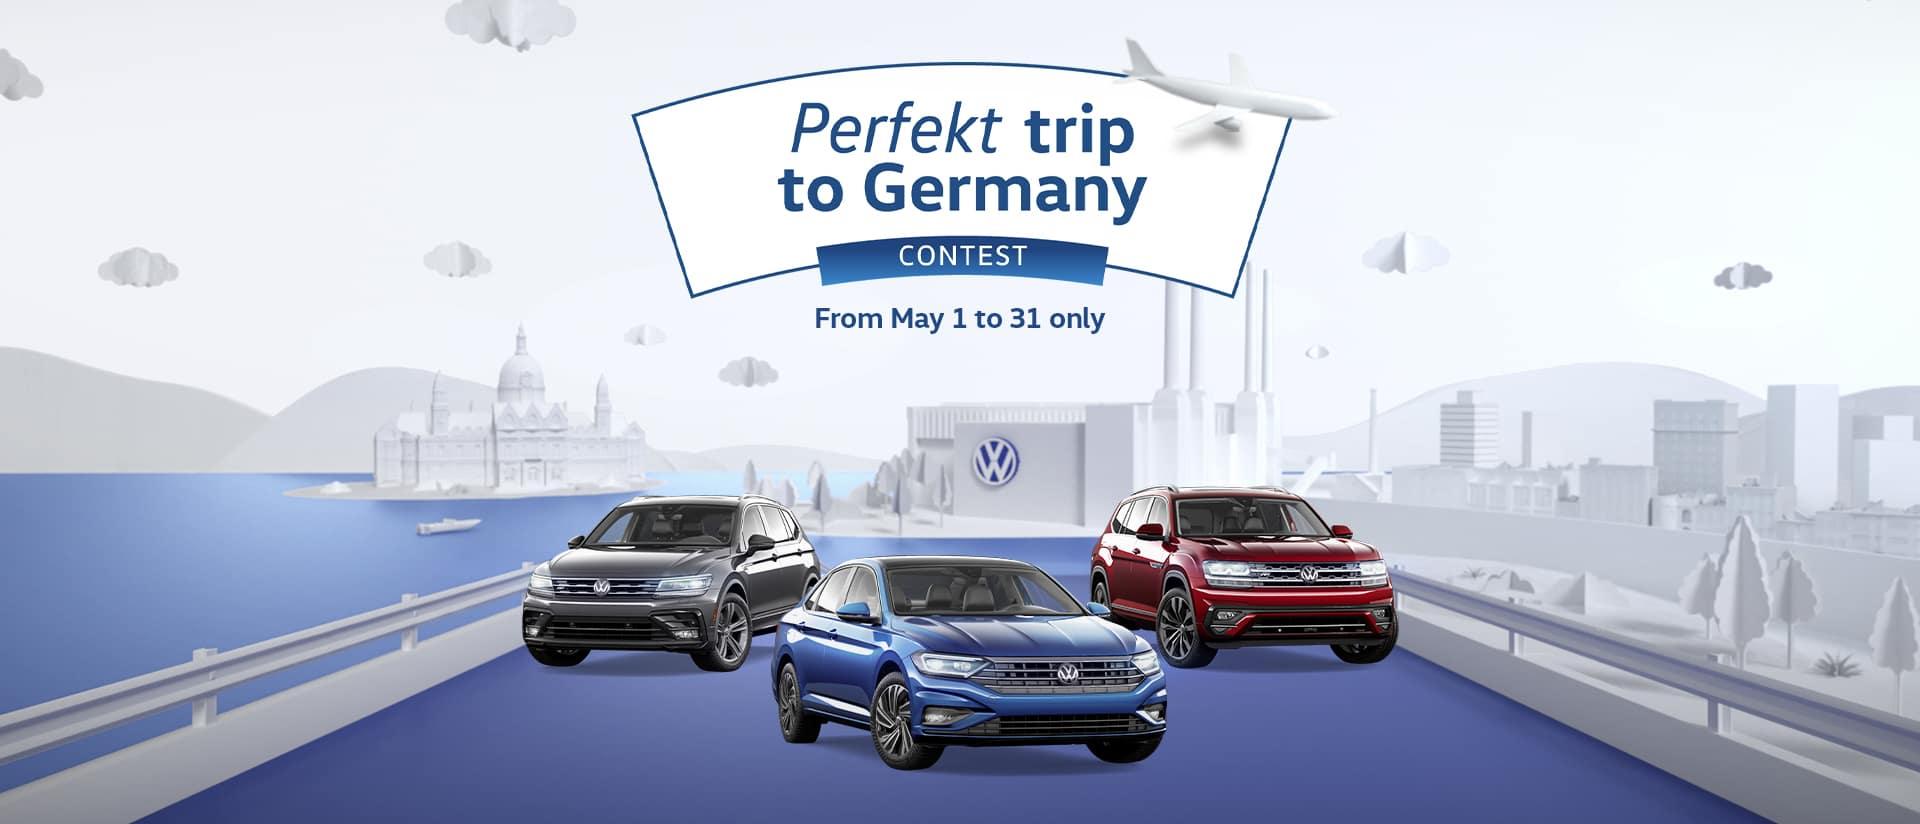 1920x824_perfekt_trip_to_Germany